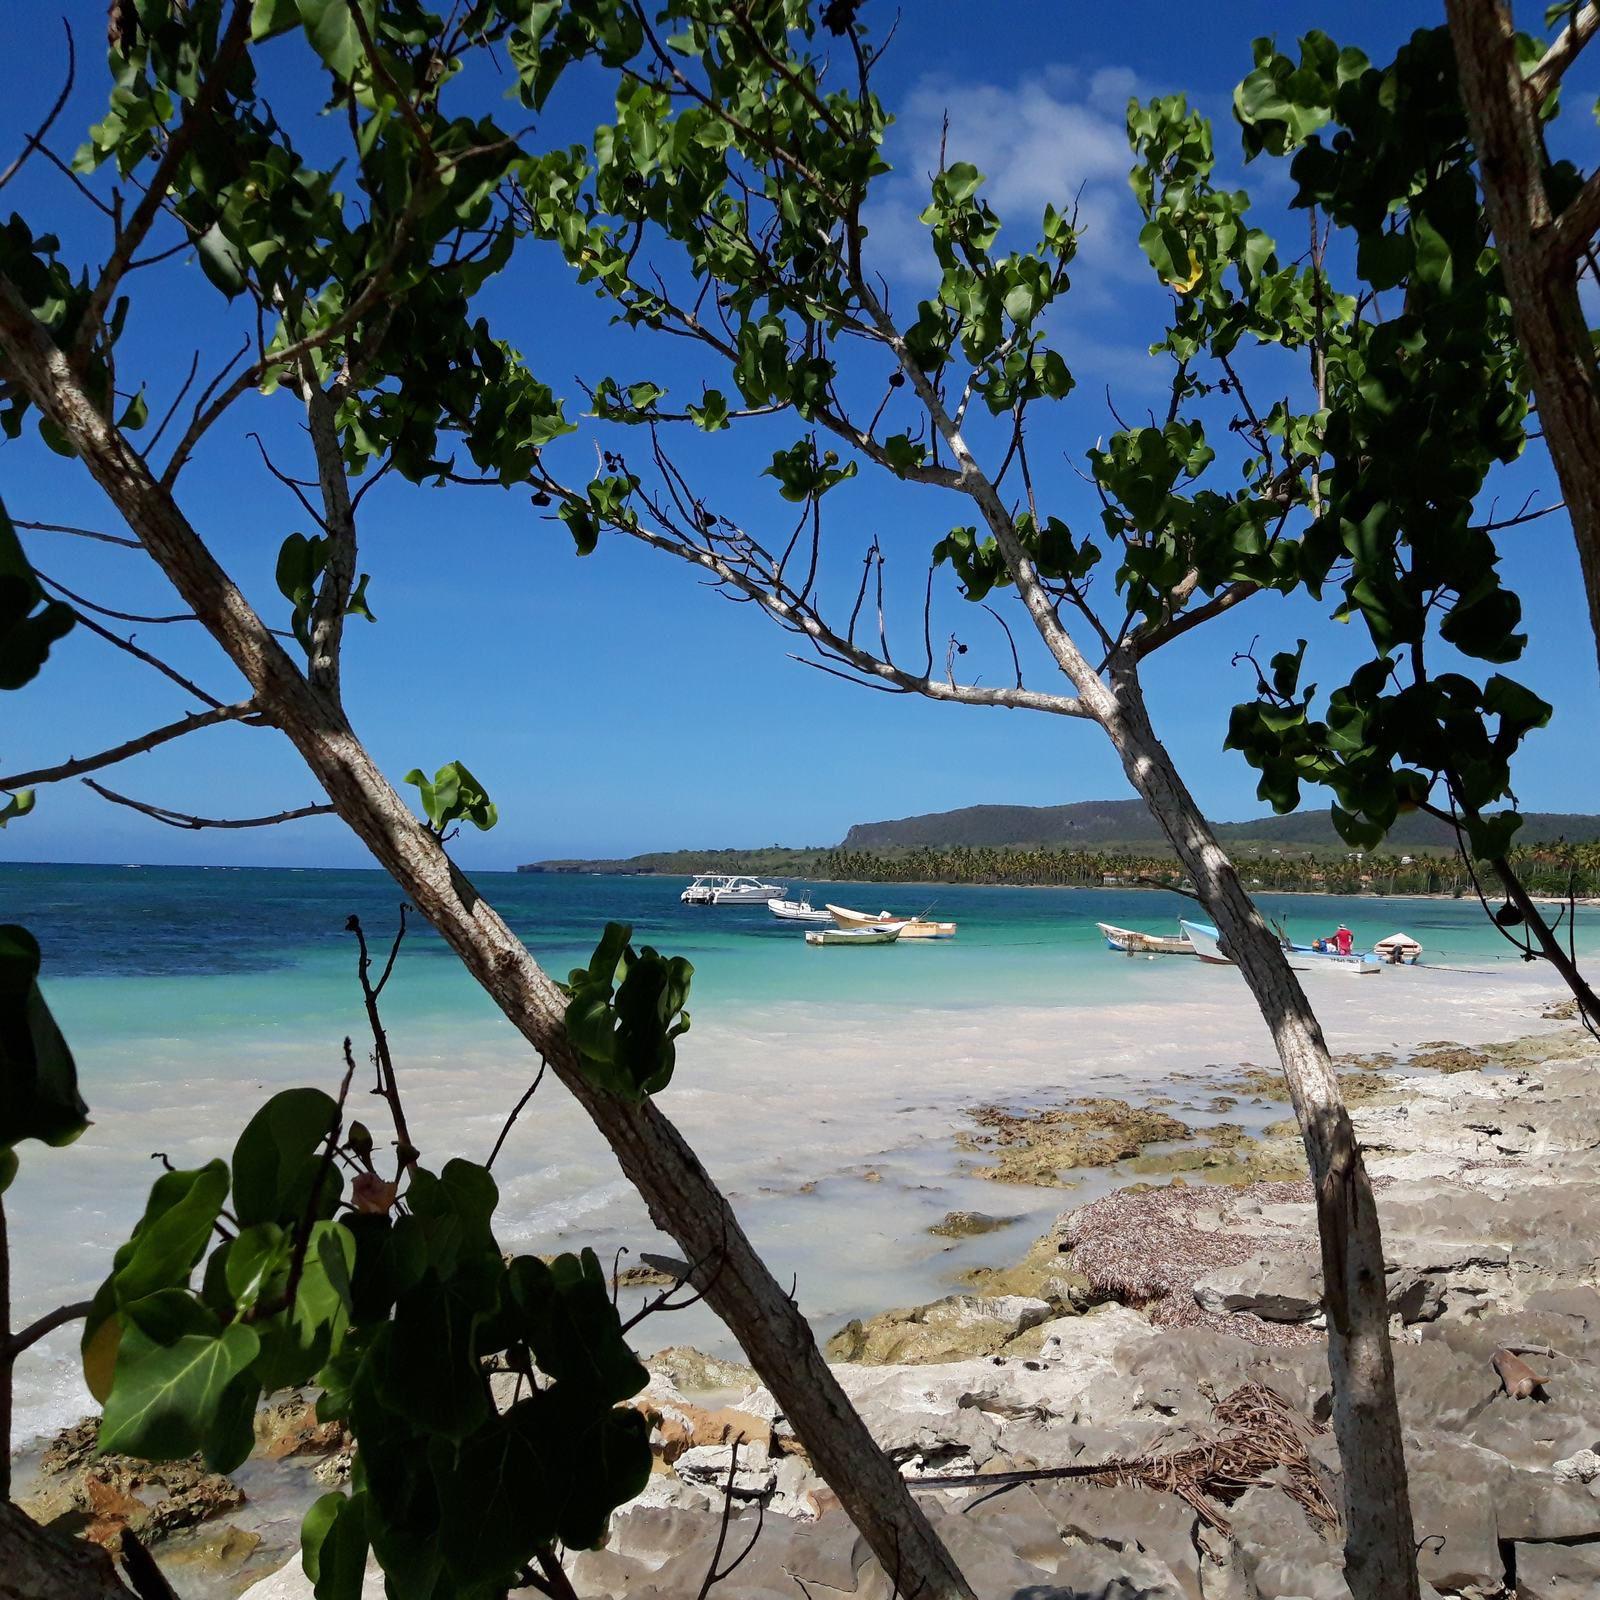 Reportage de Sept à huit sur TF1 - ces français qui ont construit leur petit coin de paradis en République Dominicaine